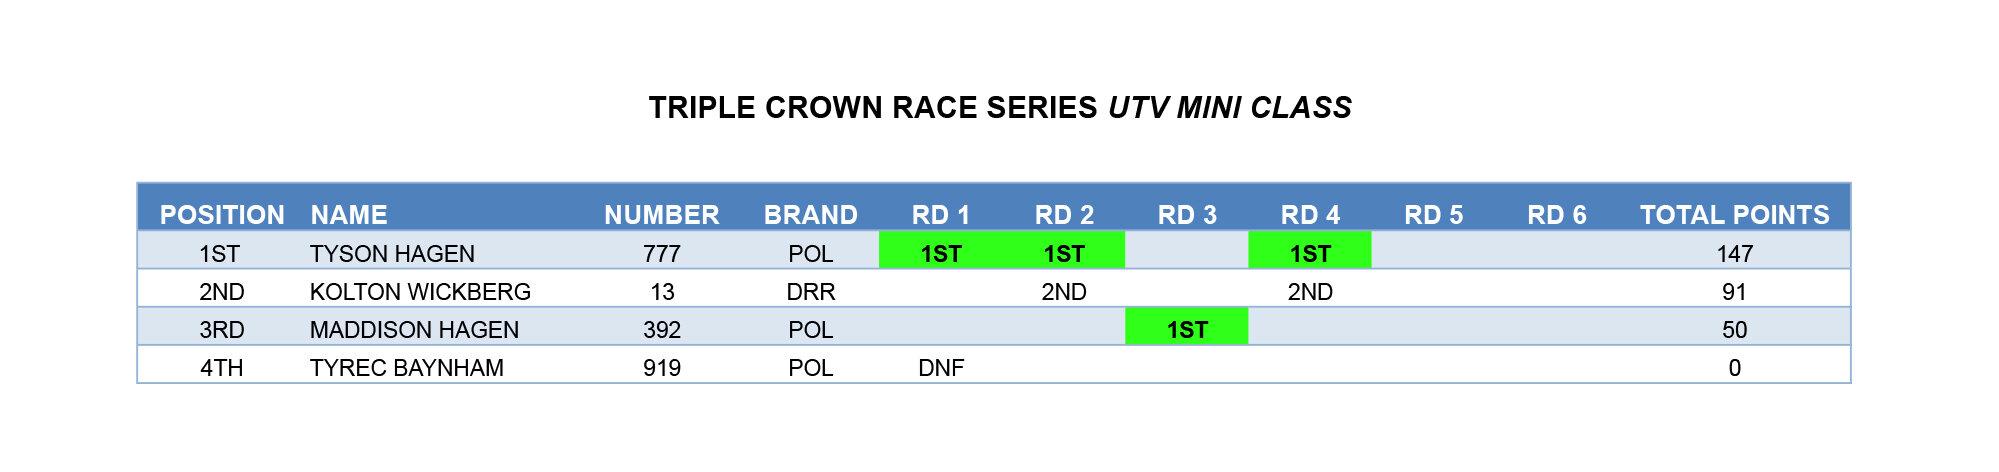 TCRS POINTS  17-UTV MINI copy.jpg